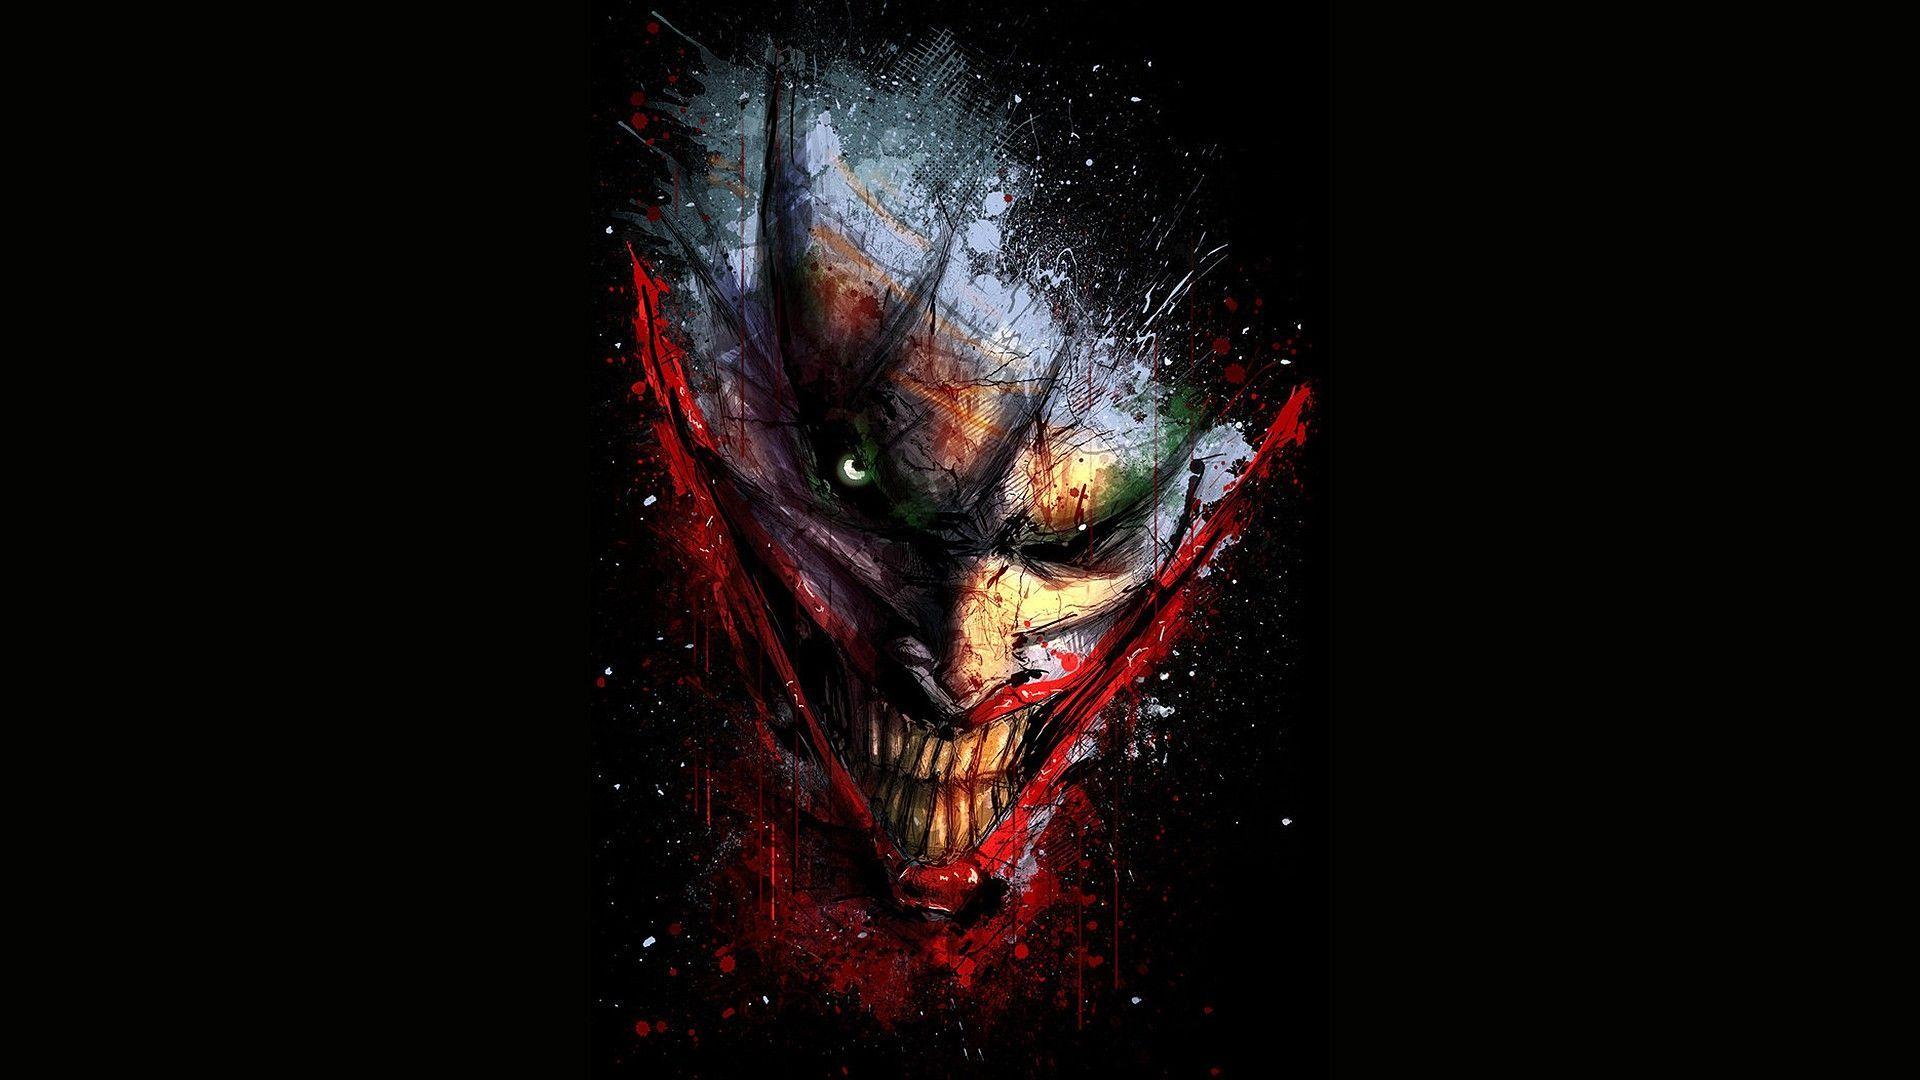 Joker   Batman Wallpaper 10086 1920x1080